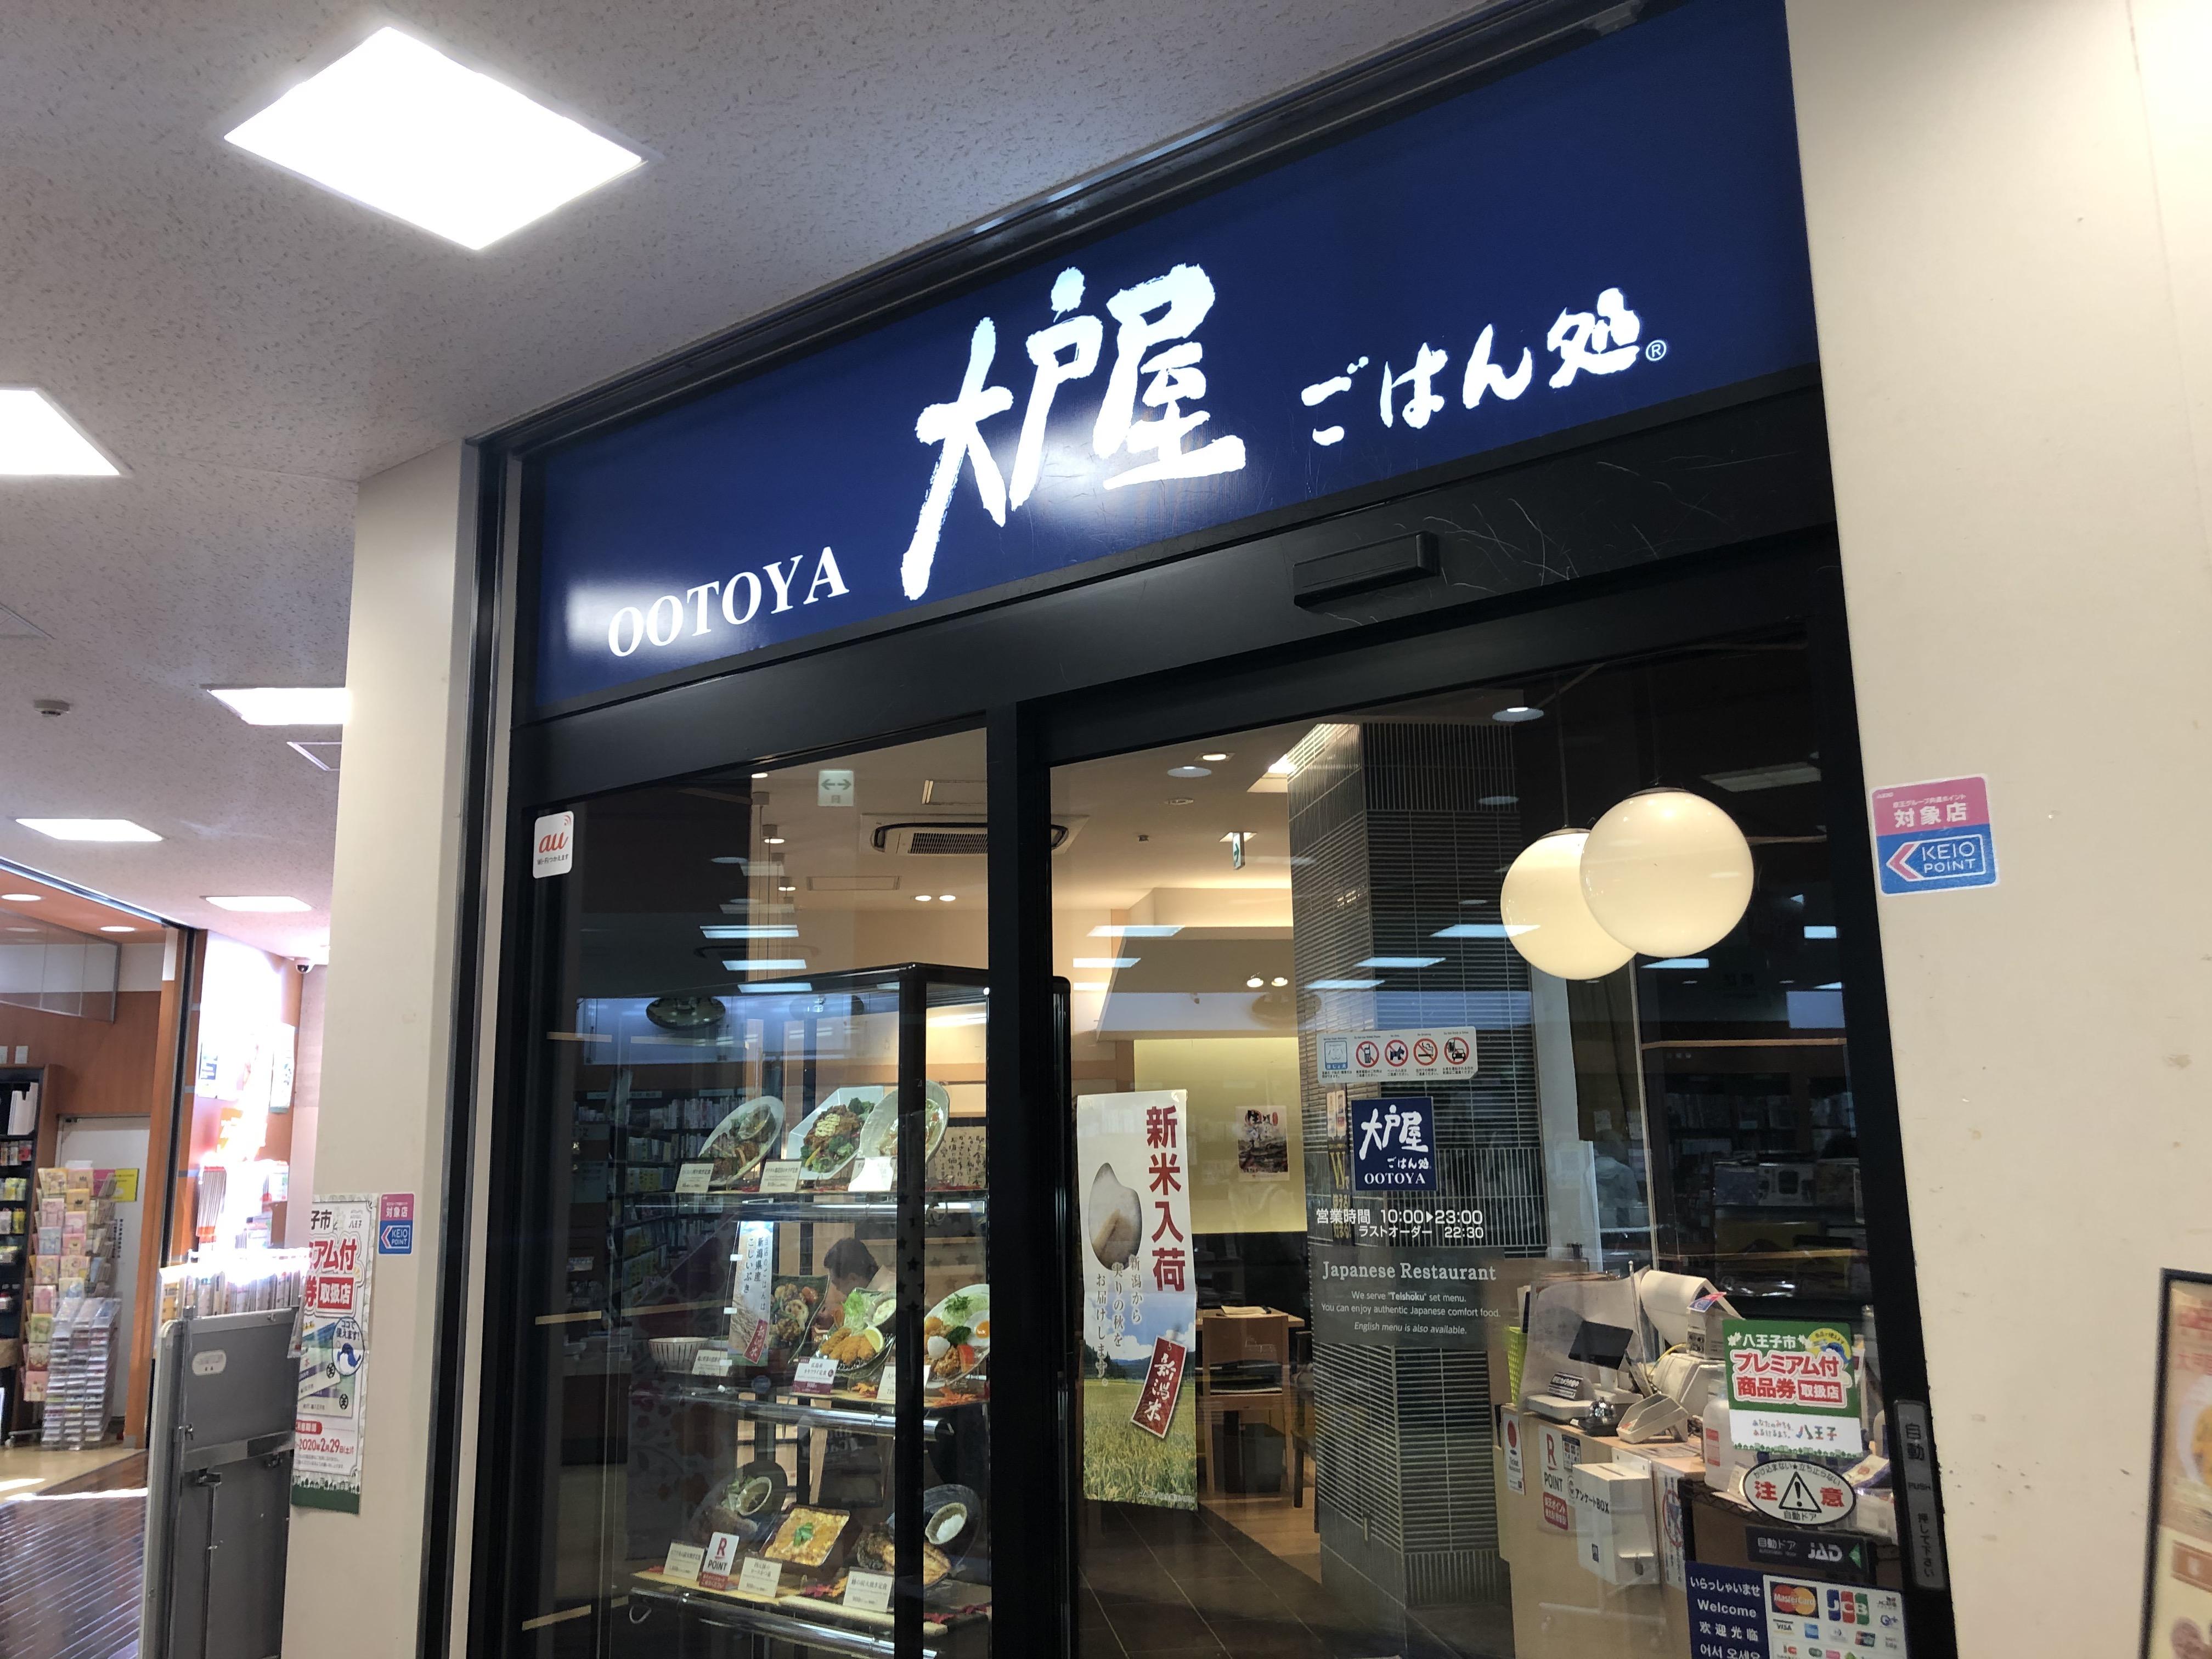 大戸屋 フレンテ南大沢店